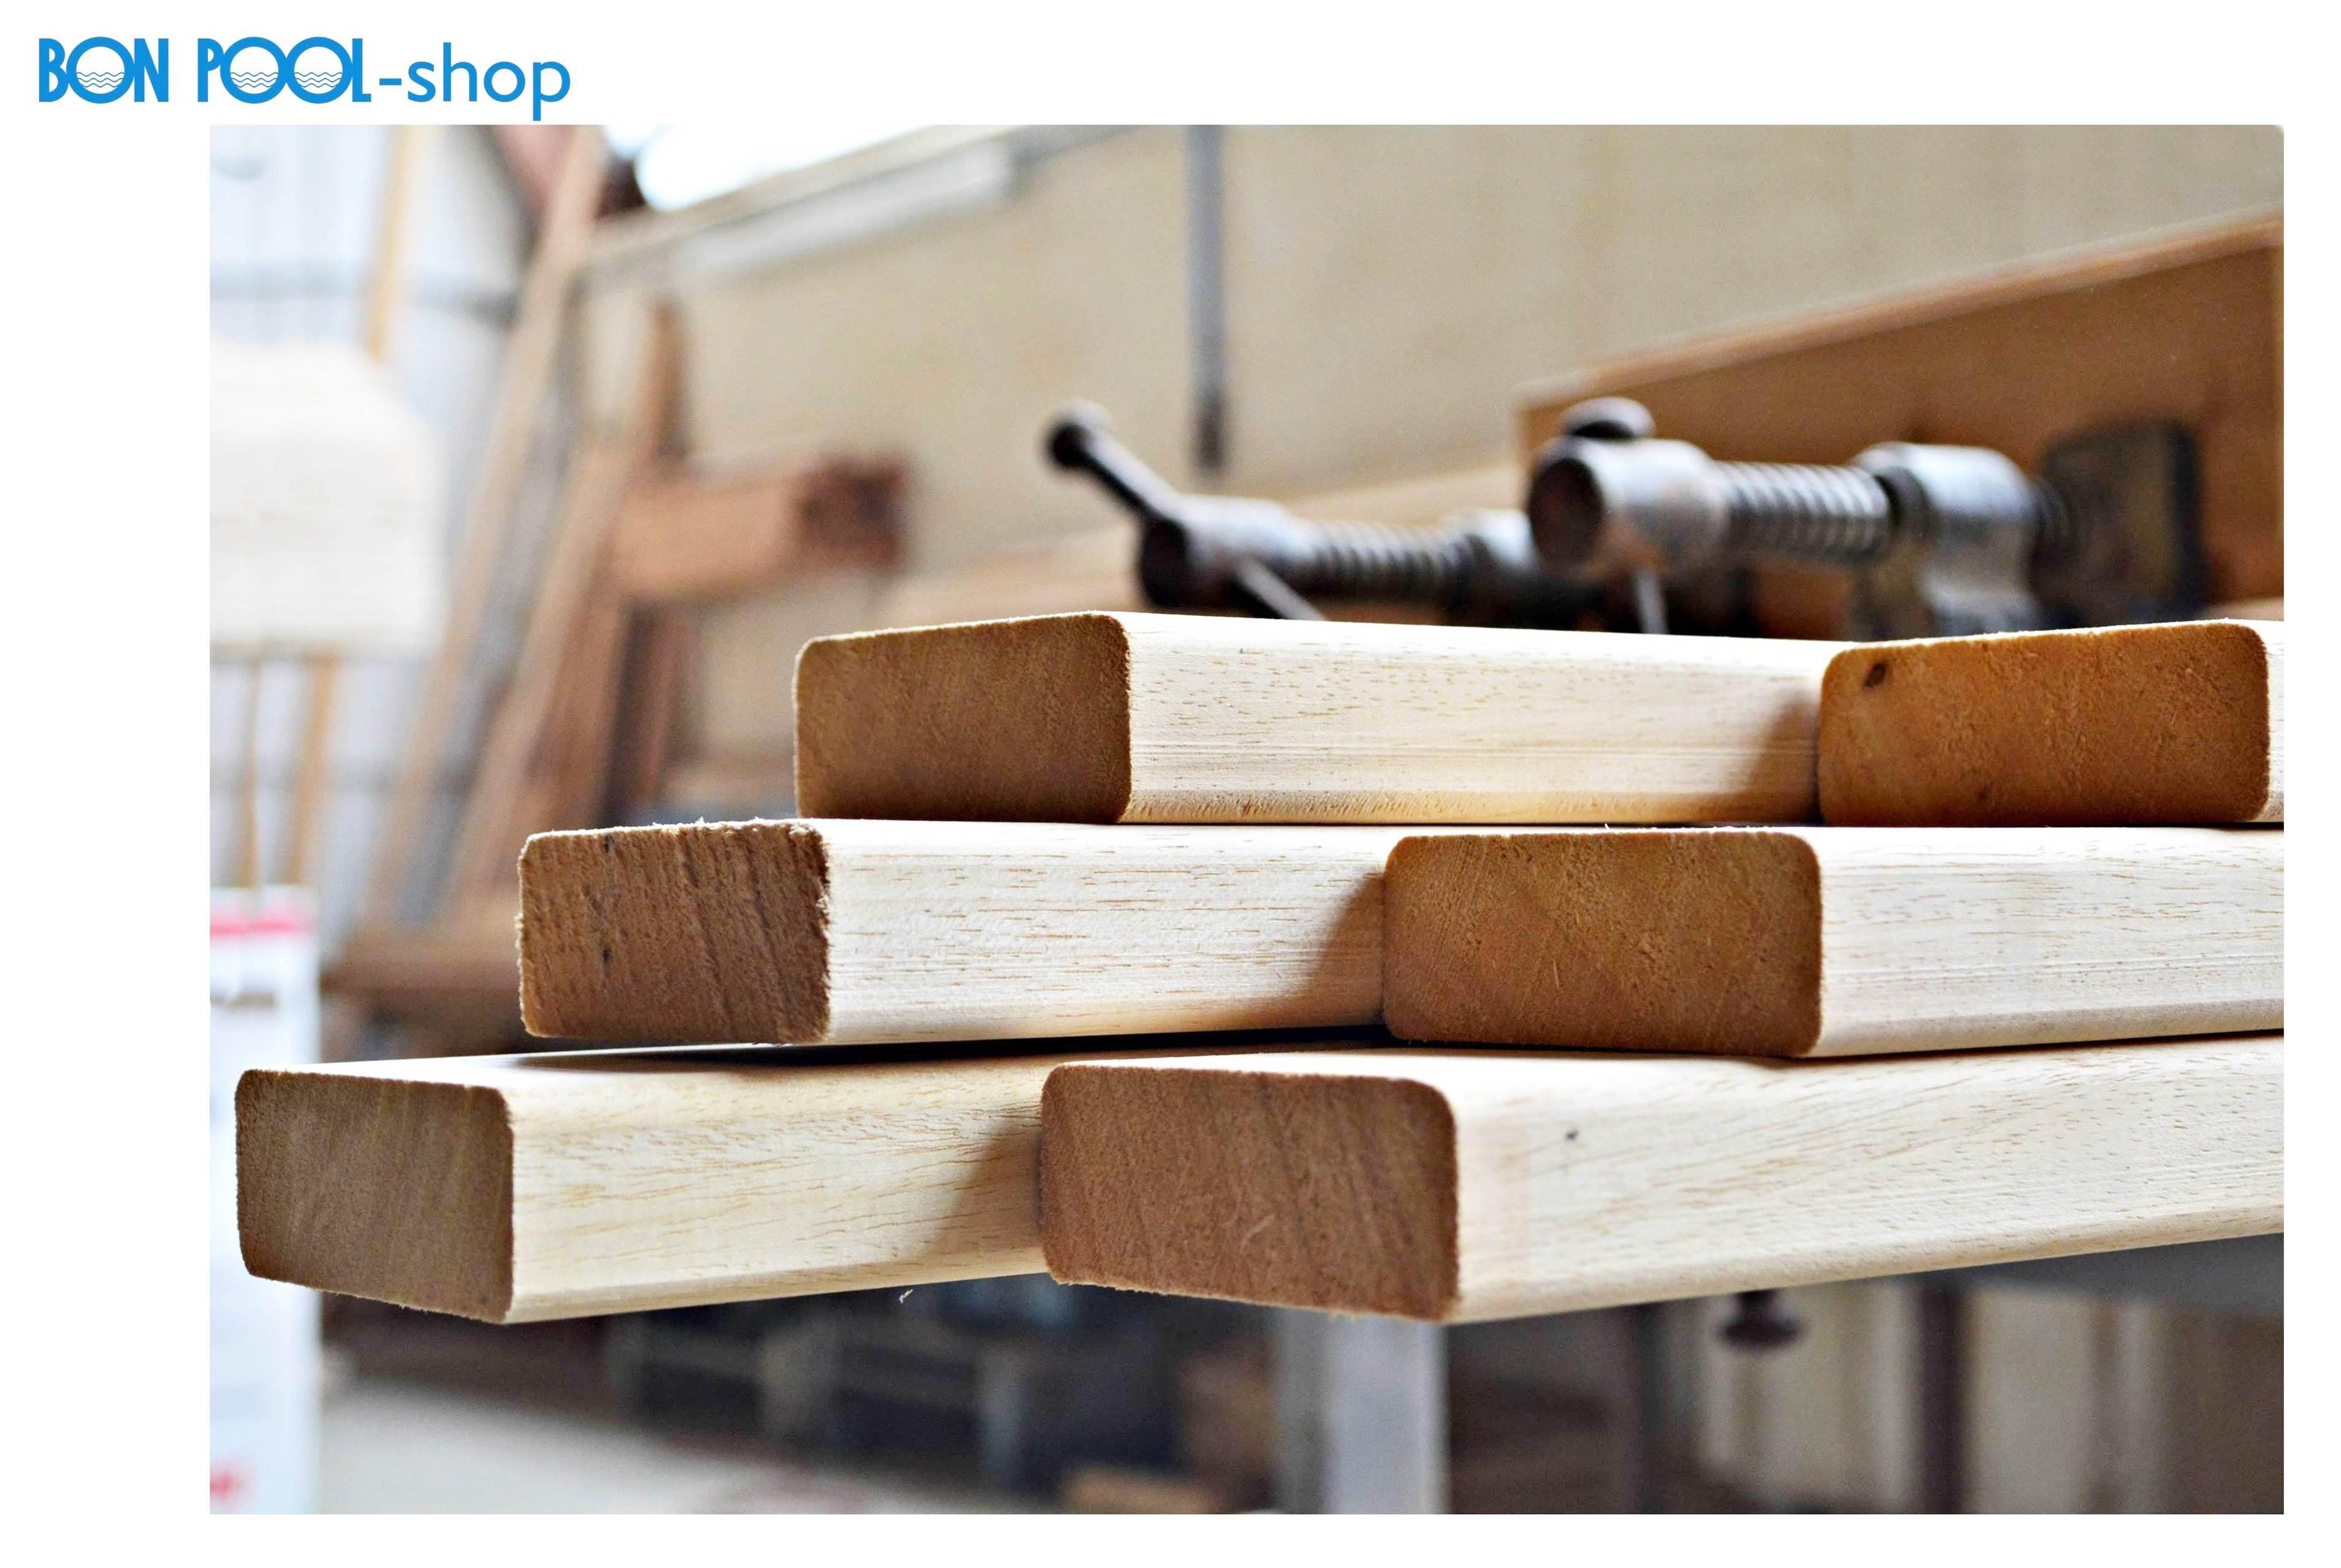 abachiholz saunaholz f r saunabank abachi laufender meter. Black Bedroom Furniture Sets. Home Design Ideas